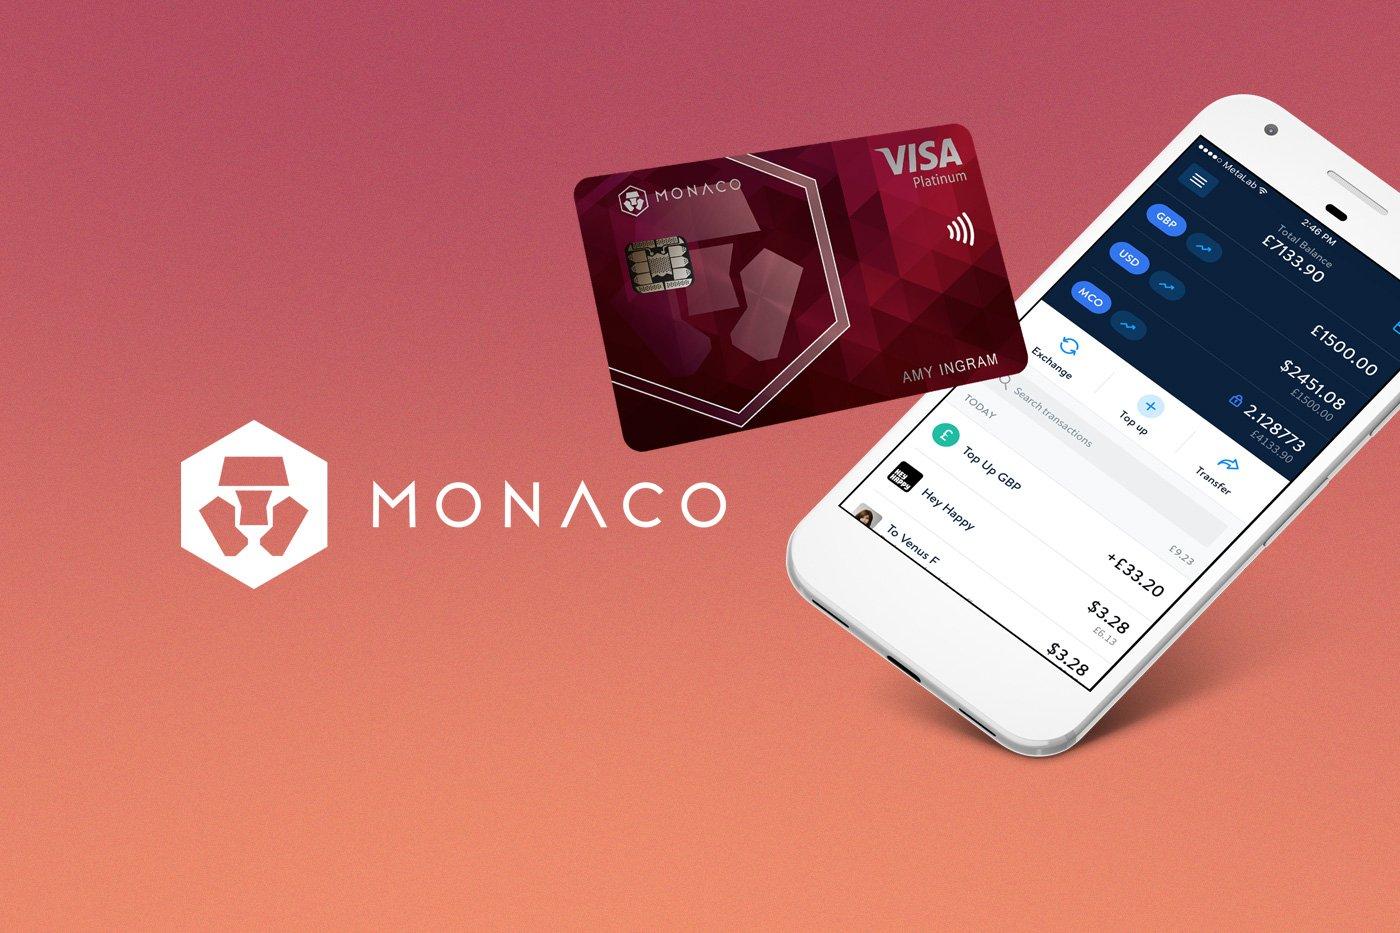 monaco card twitter